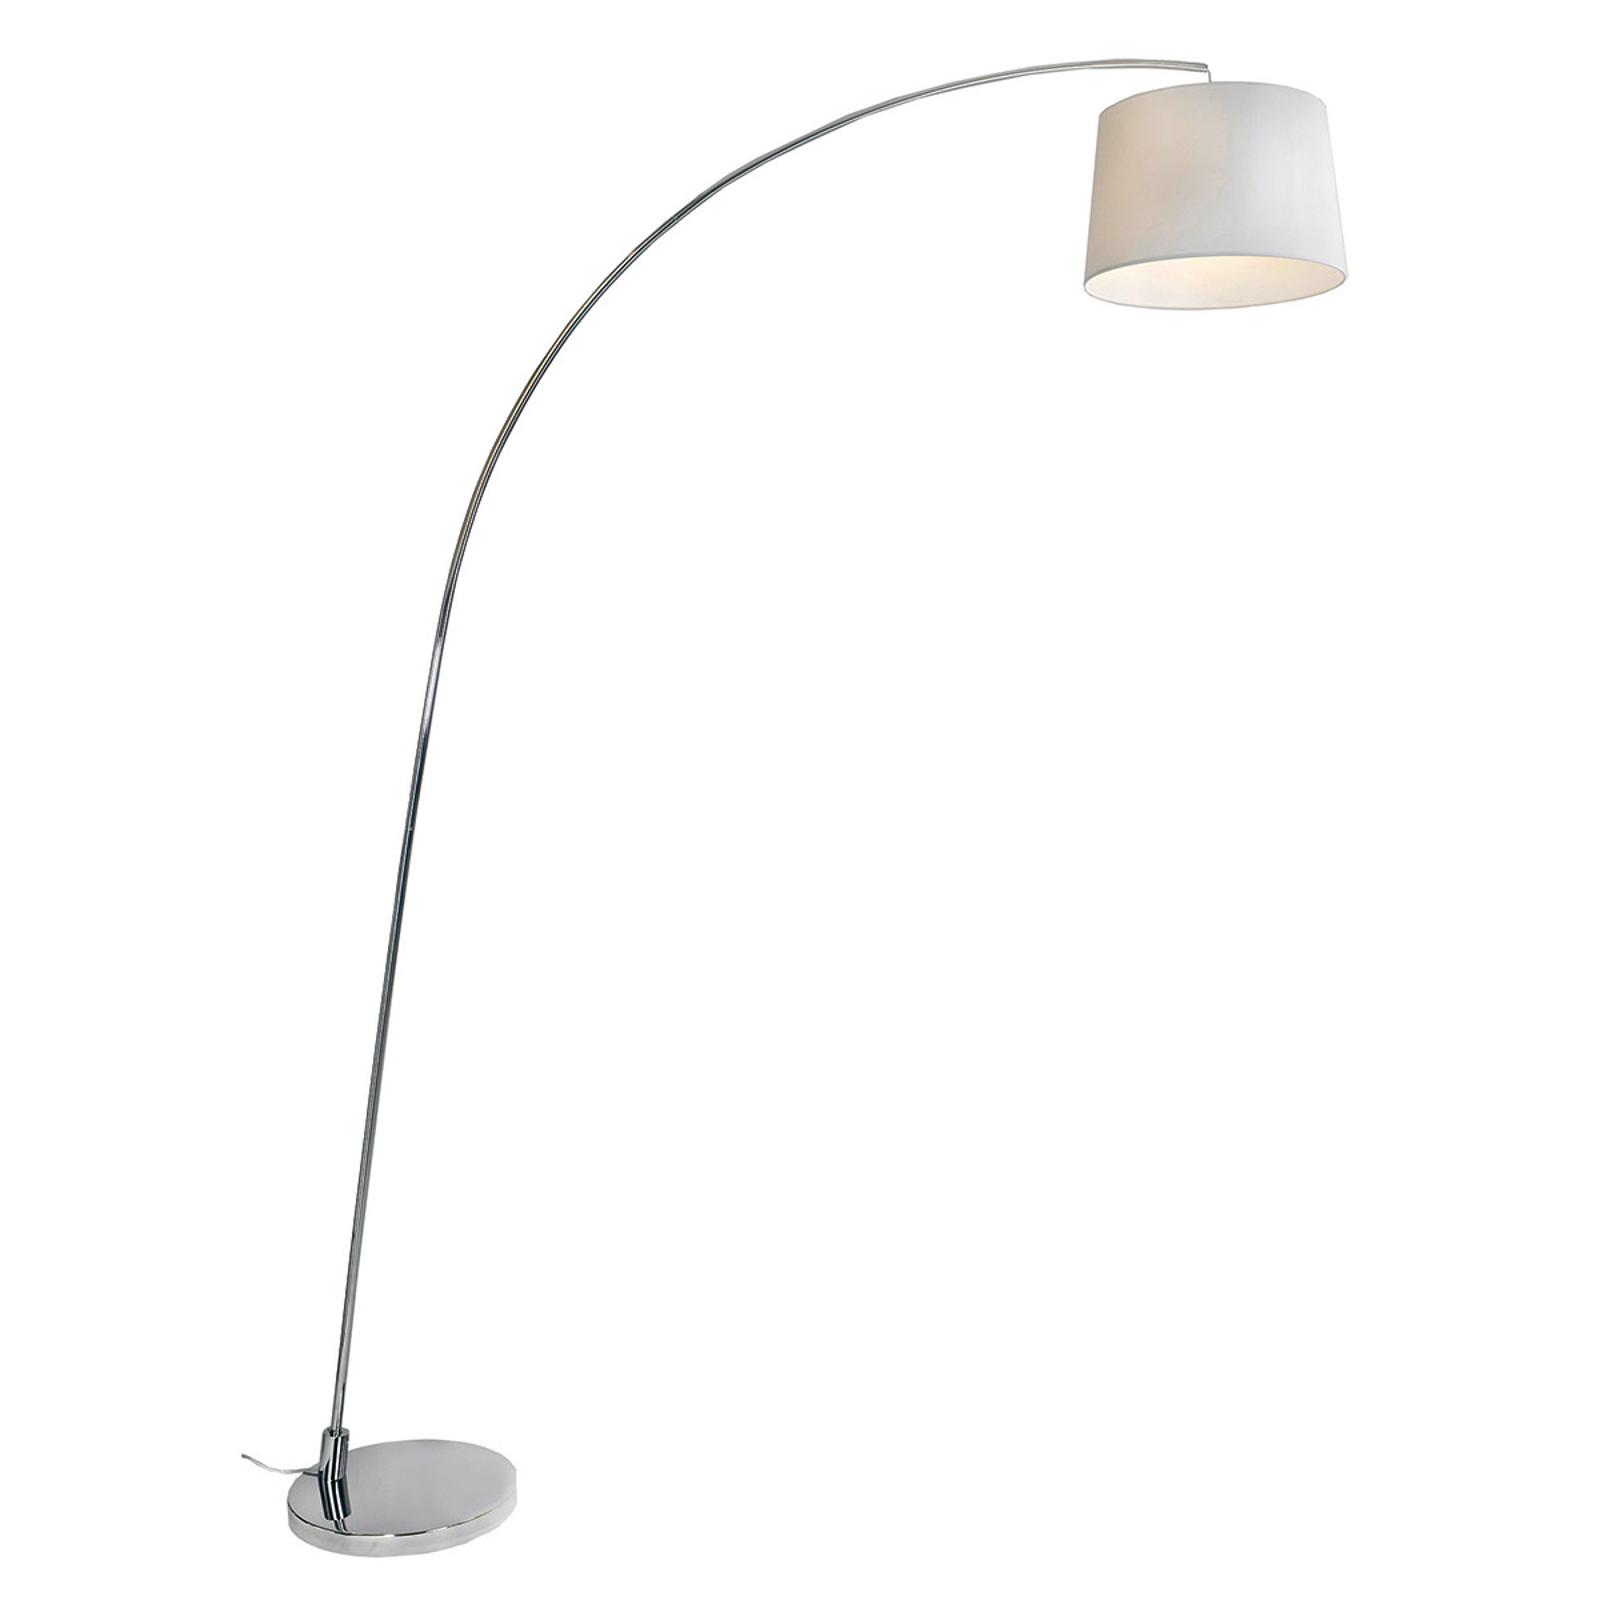 oblúkové svietidlo Arc Is chróm_1065008_1